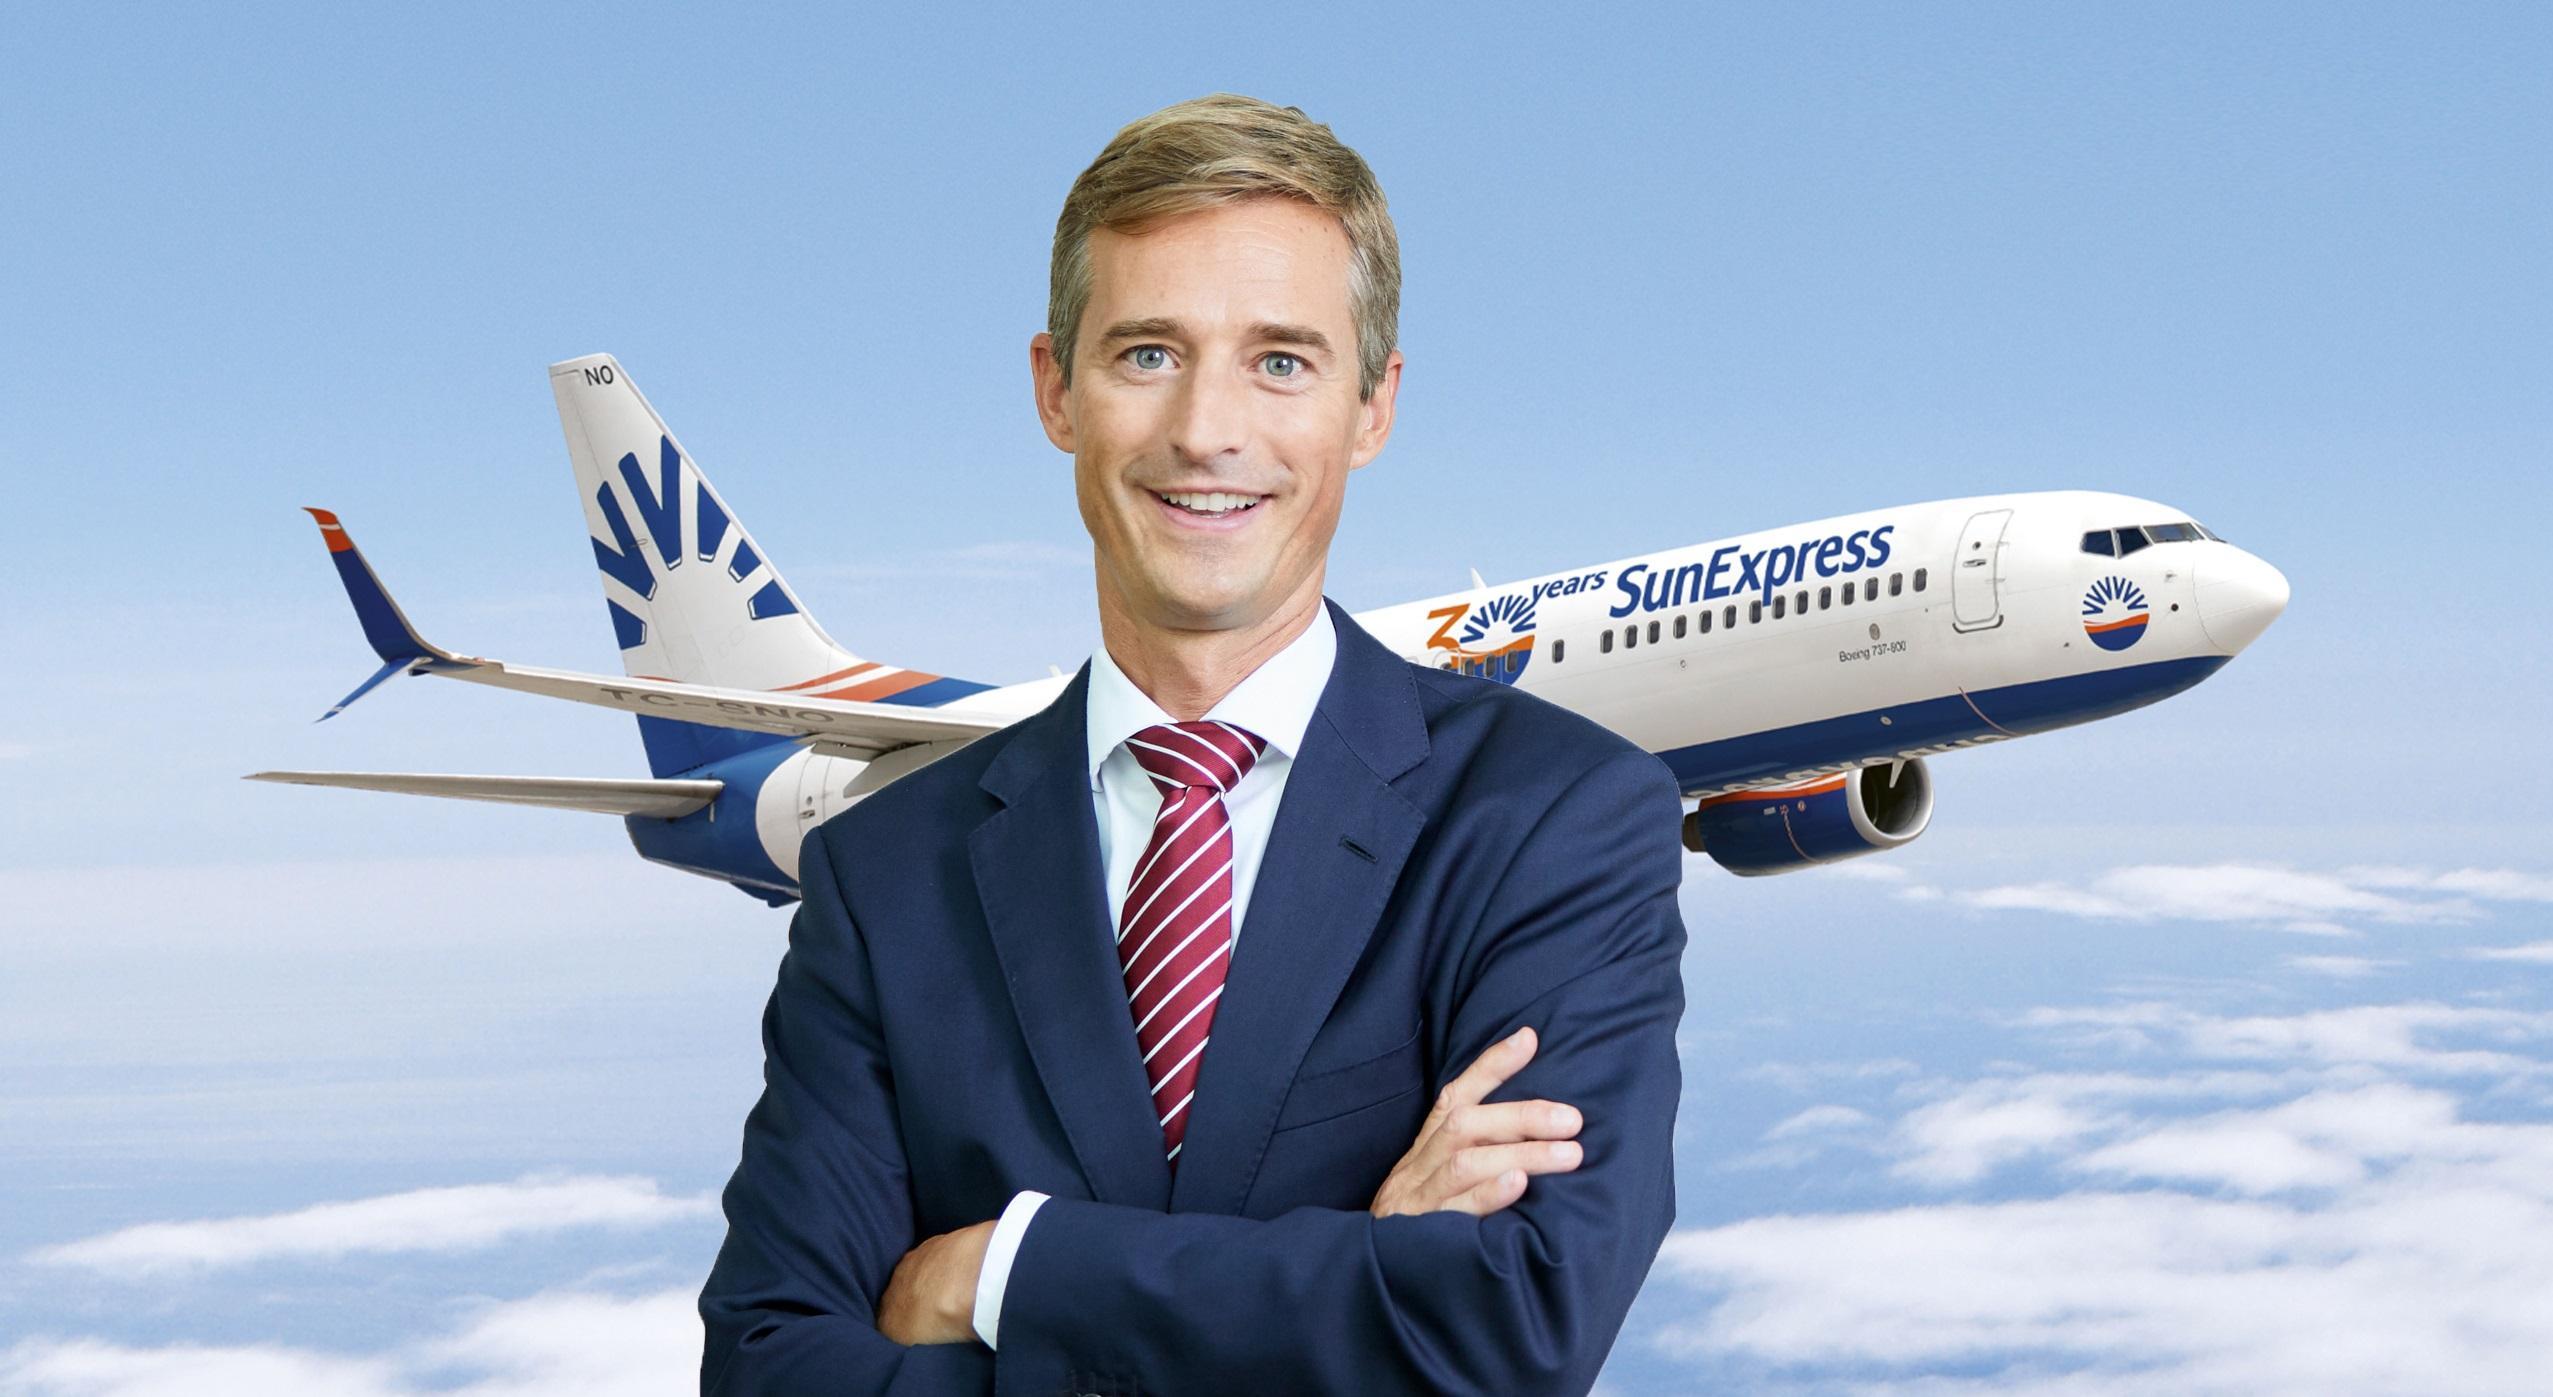 SunExpress'in yeni CEO'su Max Kownatzki bugün itibarıyla görevine başladı